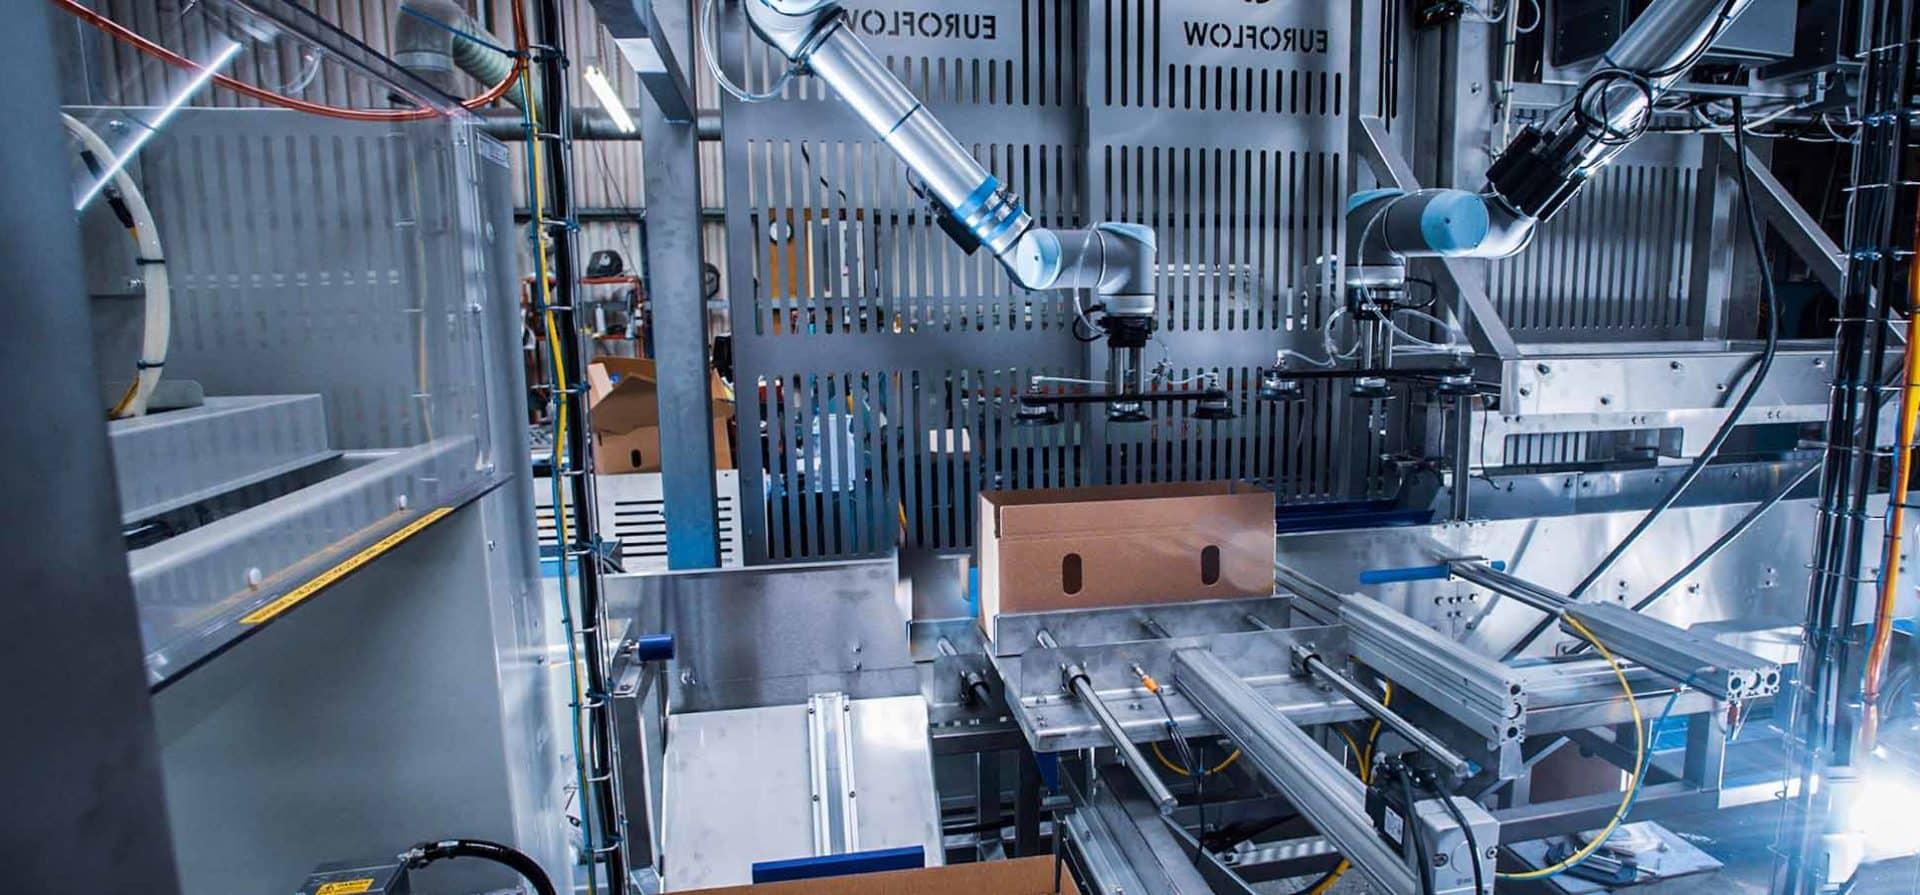 Robotics & Automation - Collaborative Robots | Euroflow Automation Ltd